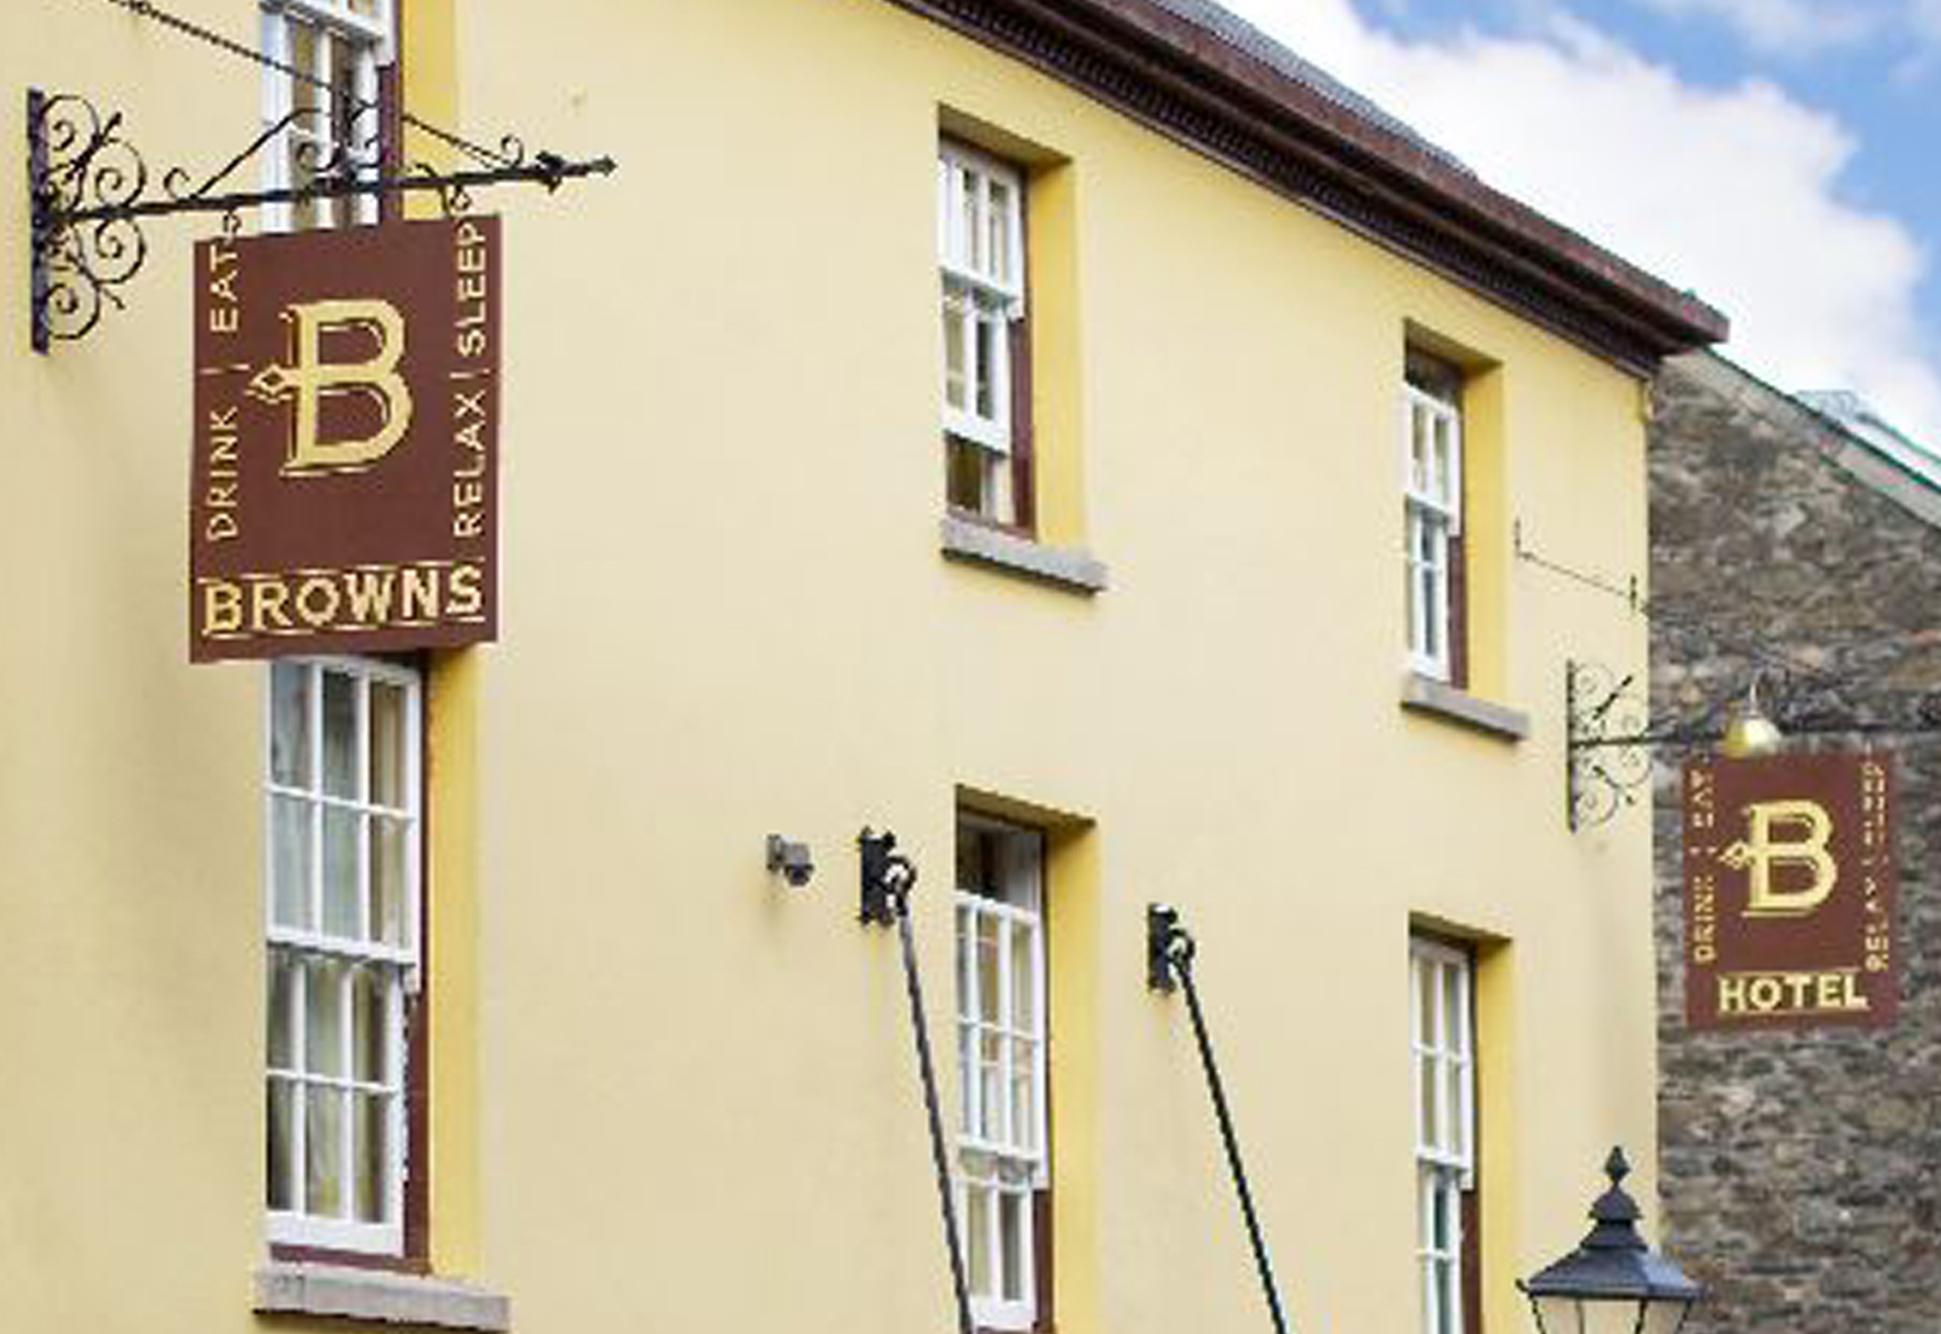 5993-Browns-Tavistock.jpg